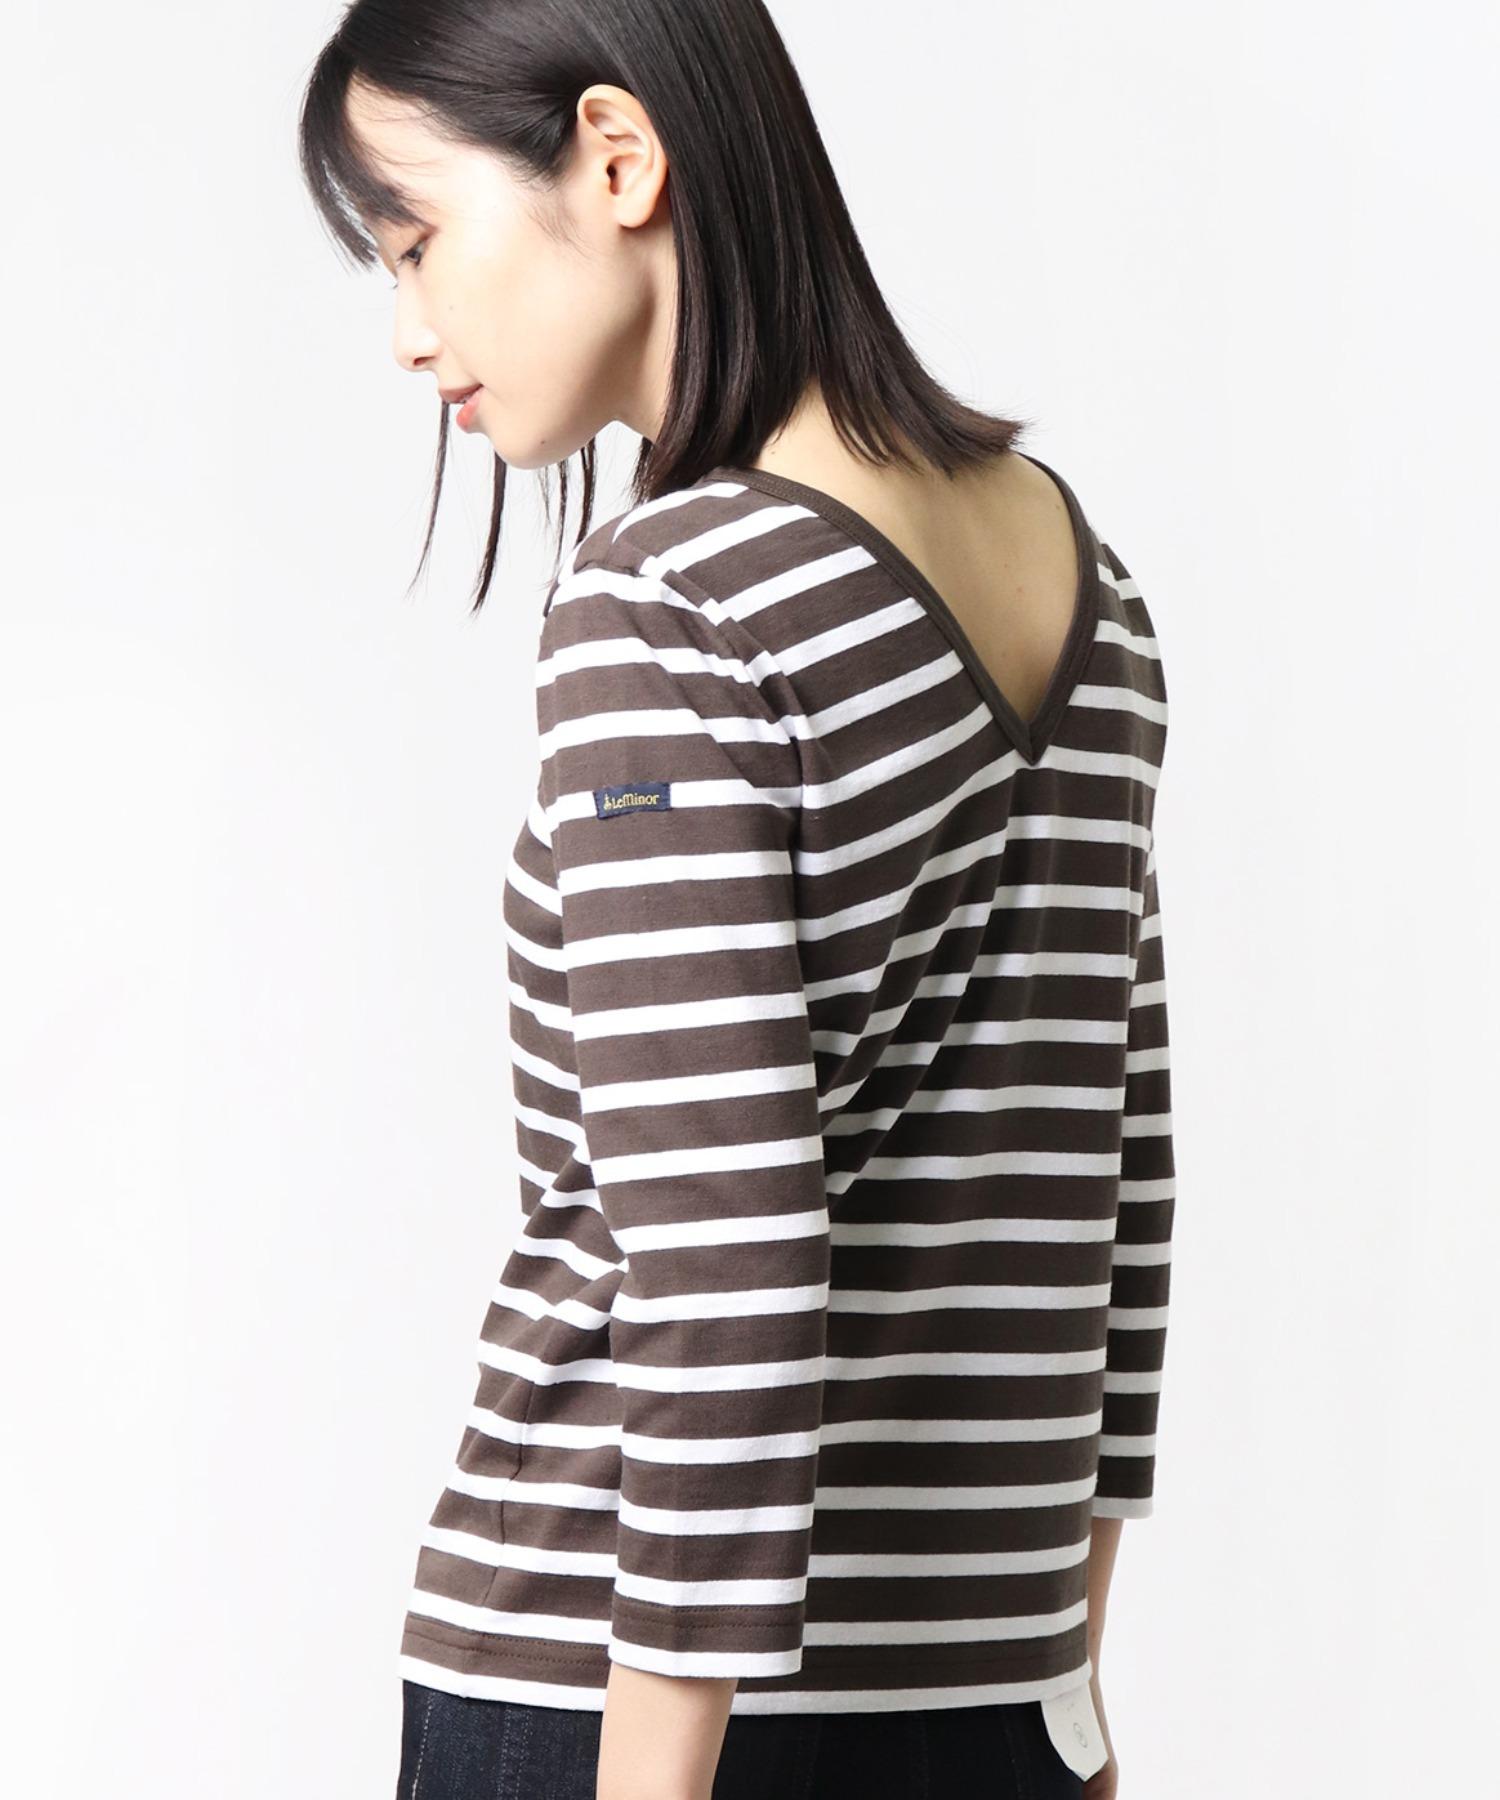 【Le Minor / ルミノア】マドモアゼル 深V バックVネックボーダーTシャツ